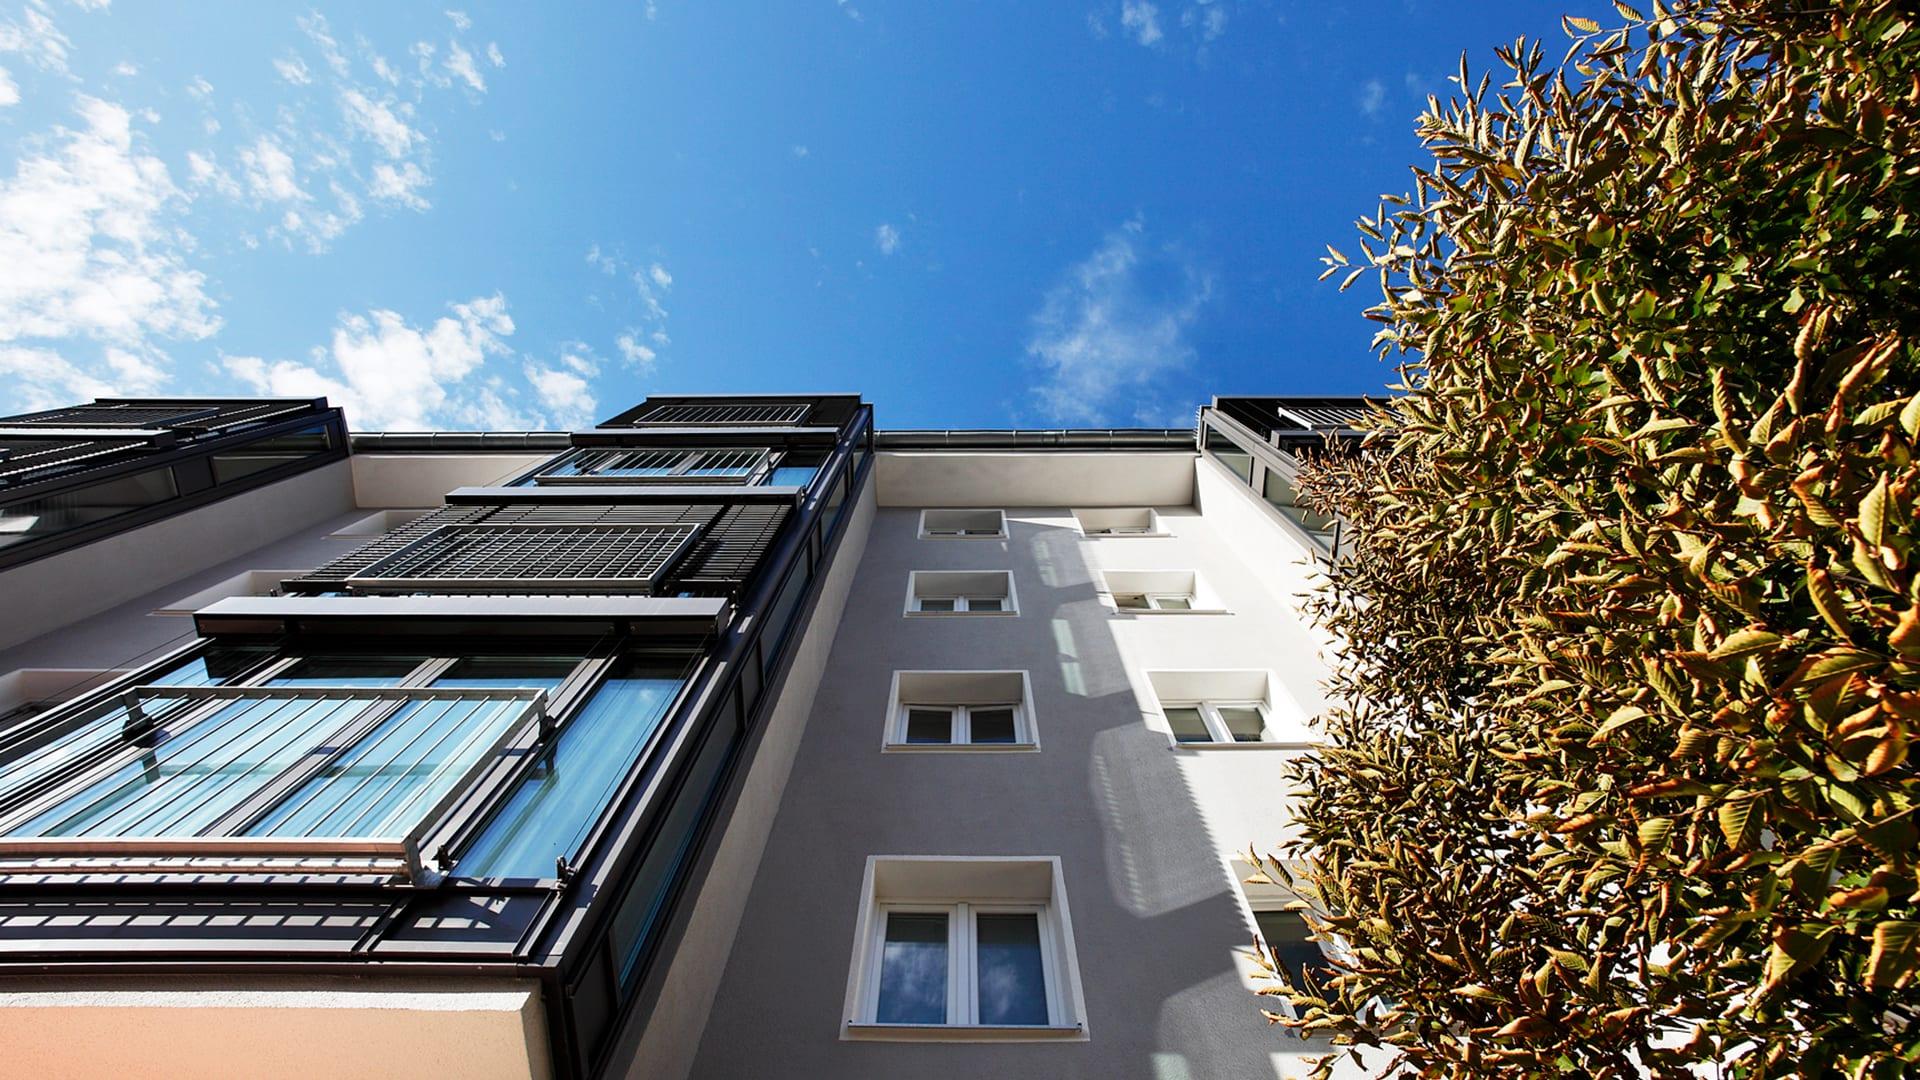 Vermietung Wohnungen